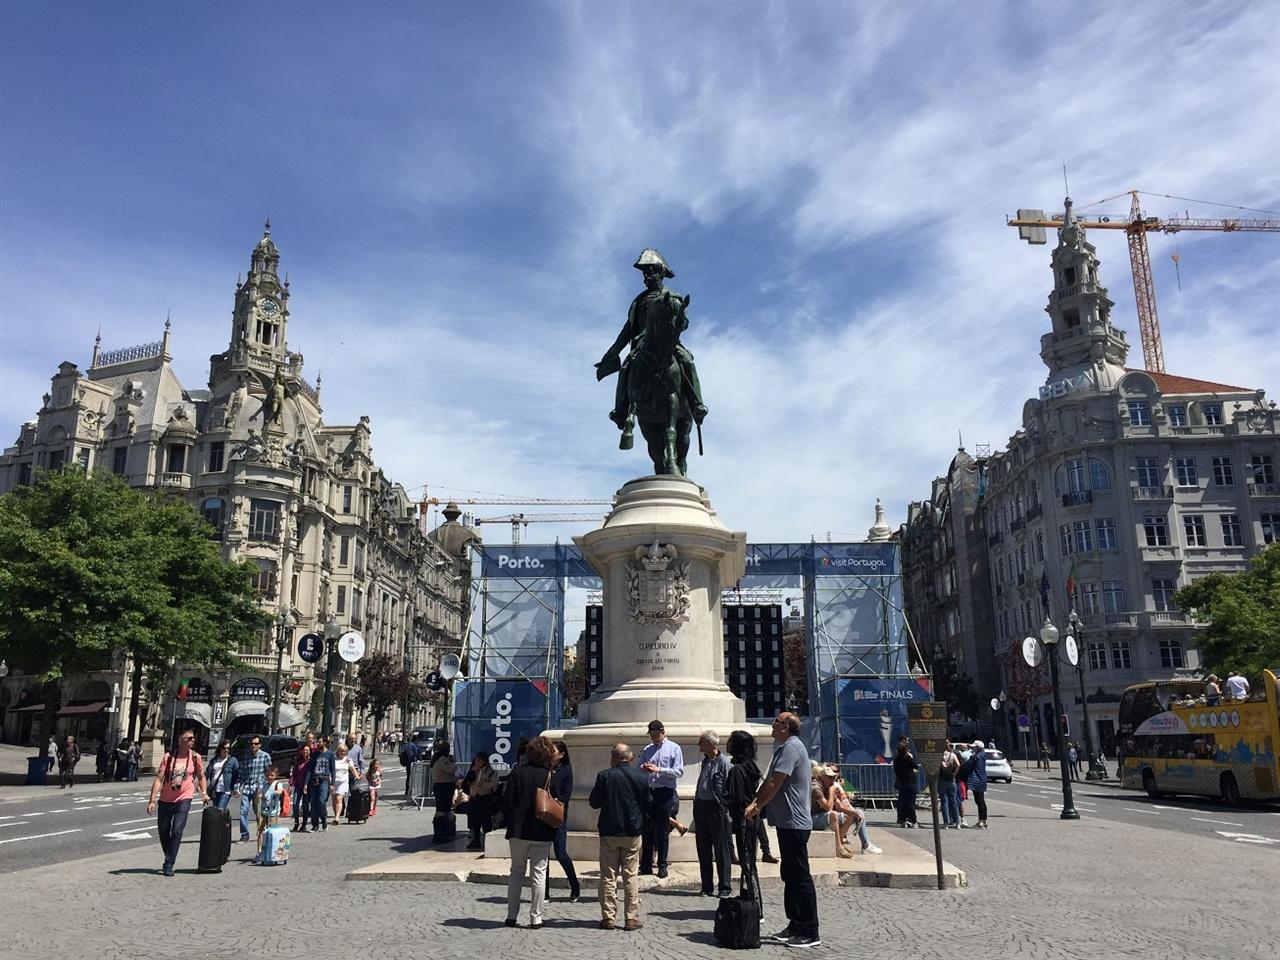 포르투 시내의 중앙 광장입니다.  중앙 광장 곳곳에는 오늘의 팬미팅을 위한 스크린이 놓여 있었어요. 오전이라 아직은 사람들이 많지 않았는데, 오후부터는 몰려든 팬들과 교통 통제로 혼란이었어요.